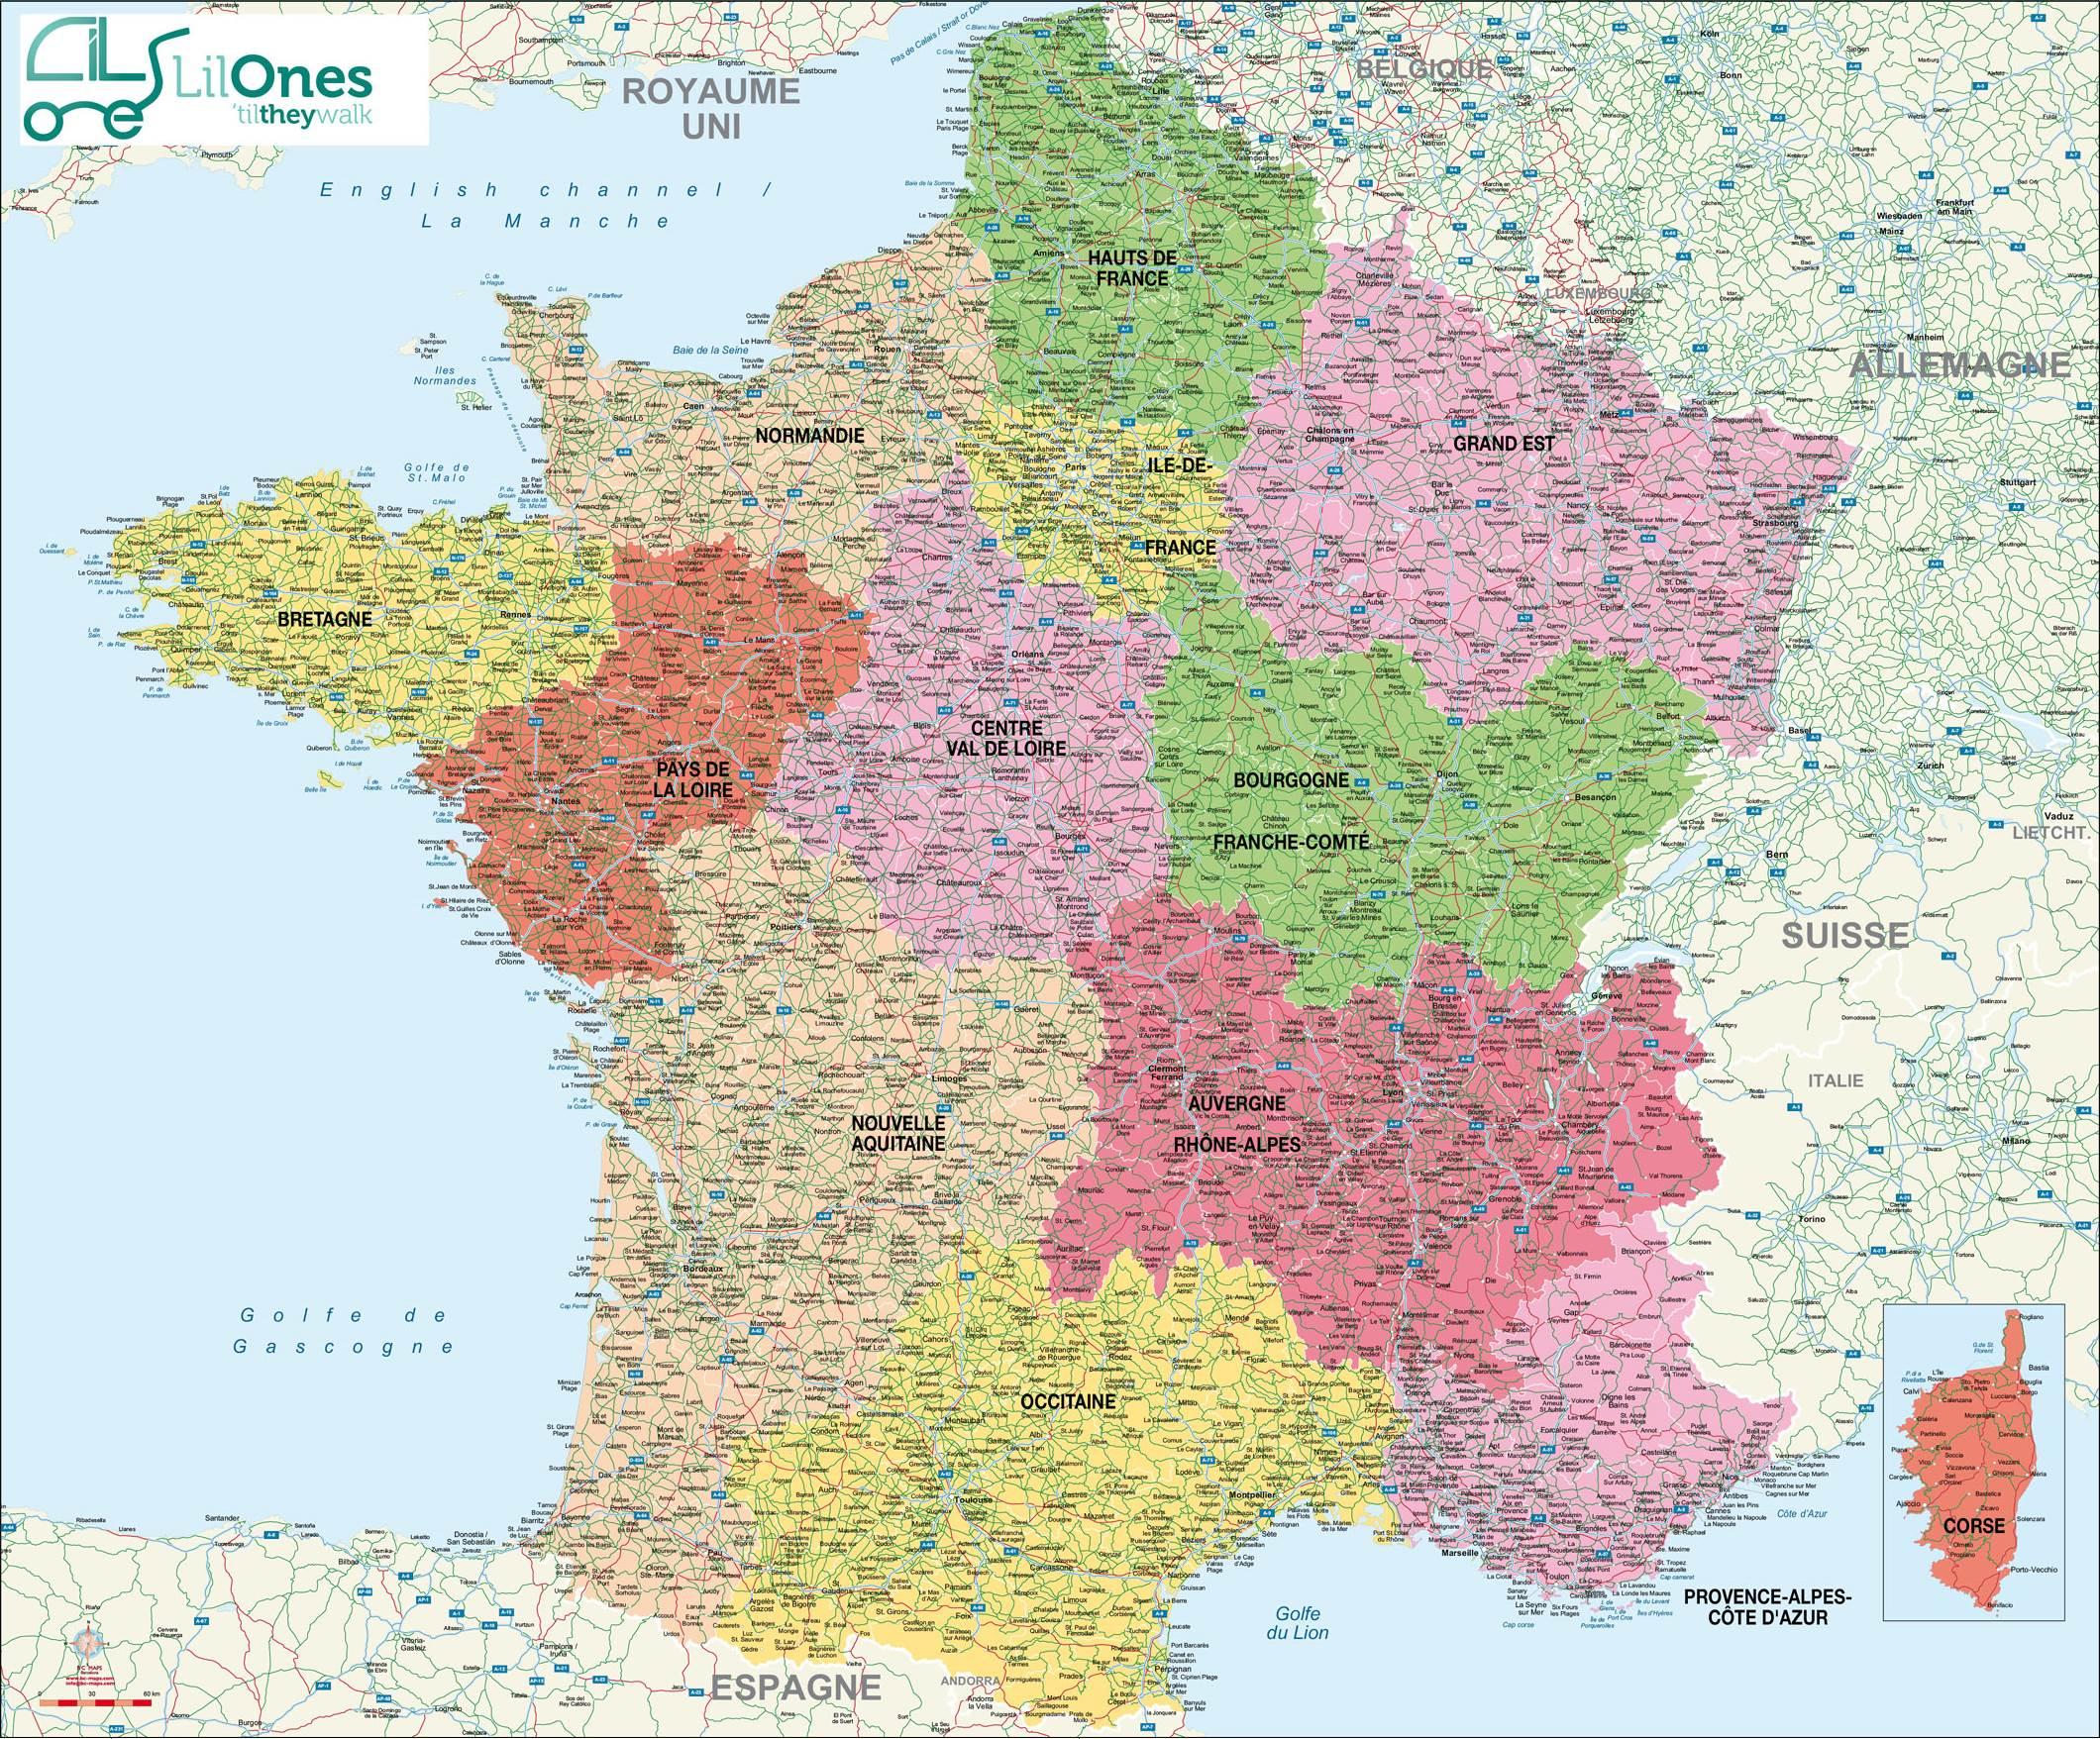 Cartes De France : Cartes Des Régions, Départements Et tout Carte De France Avec Departement A Imprimer